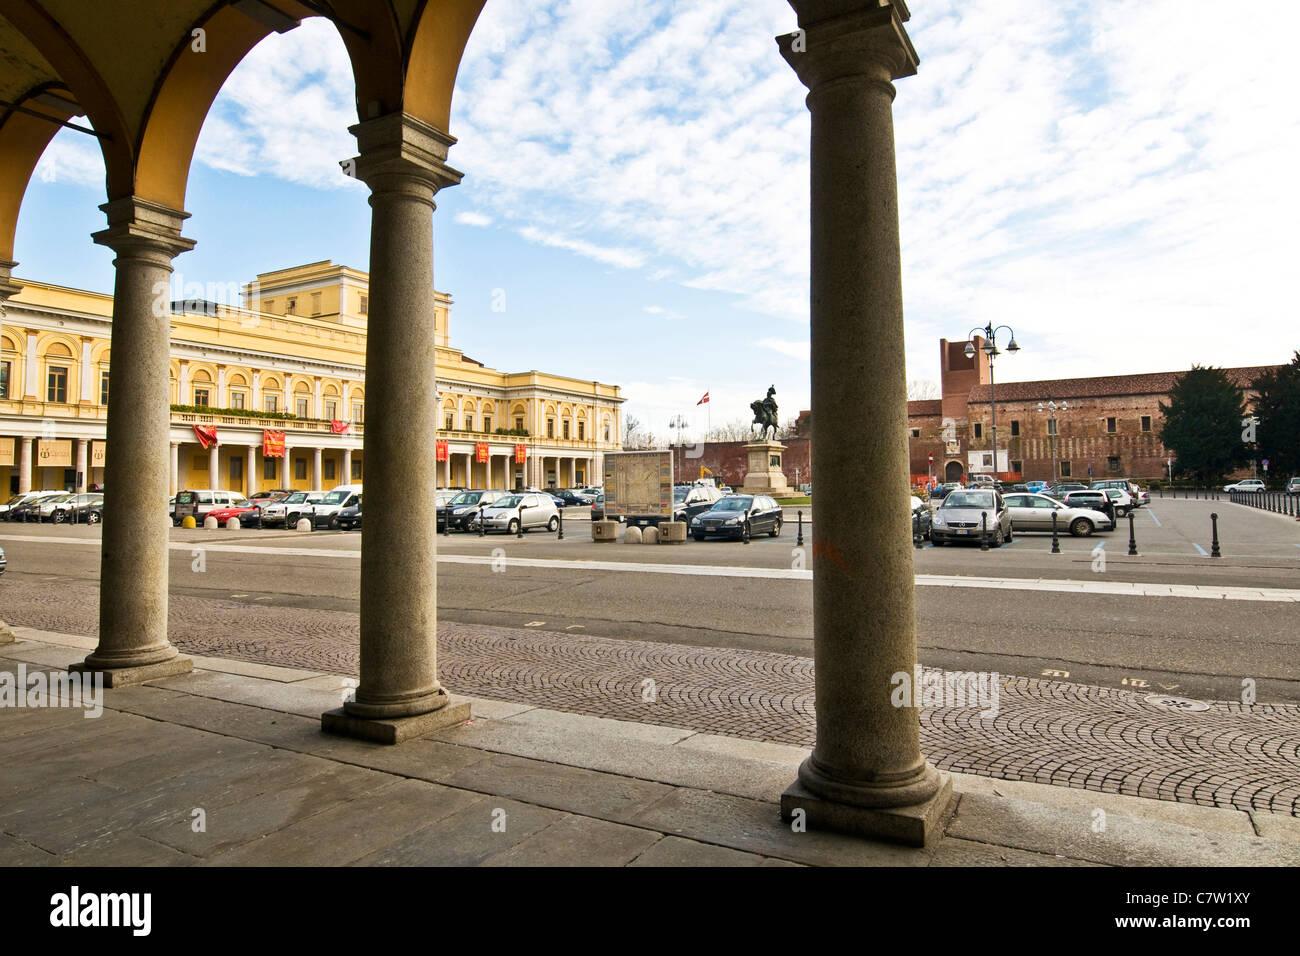 Italy, Piedmont, Novara, Martiri della libertà square - Stock Image